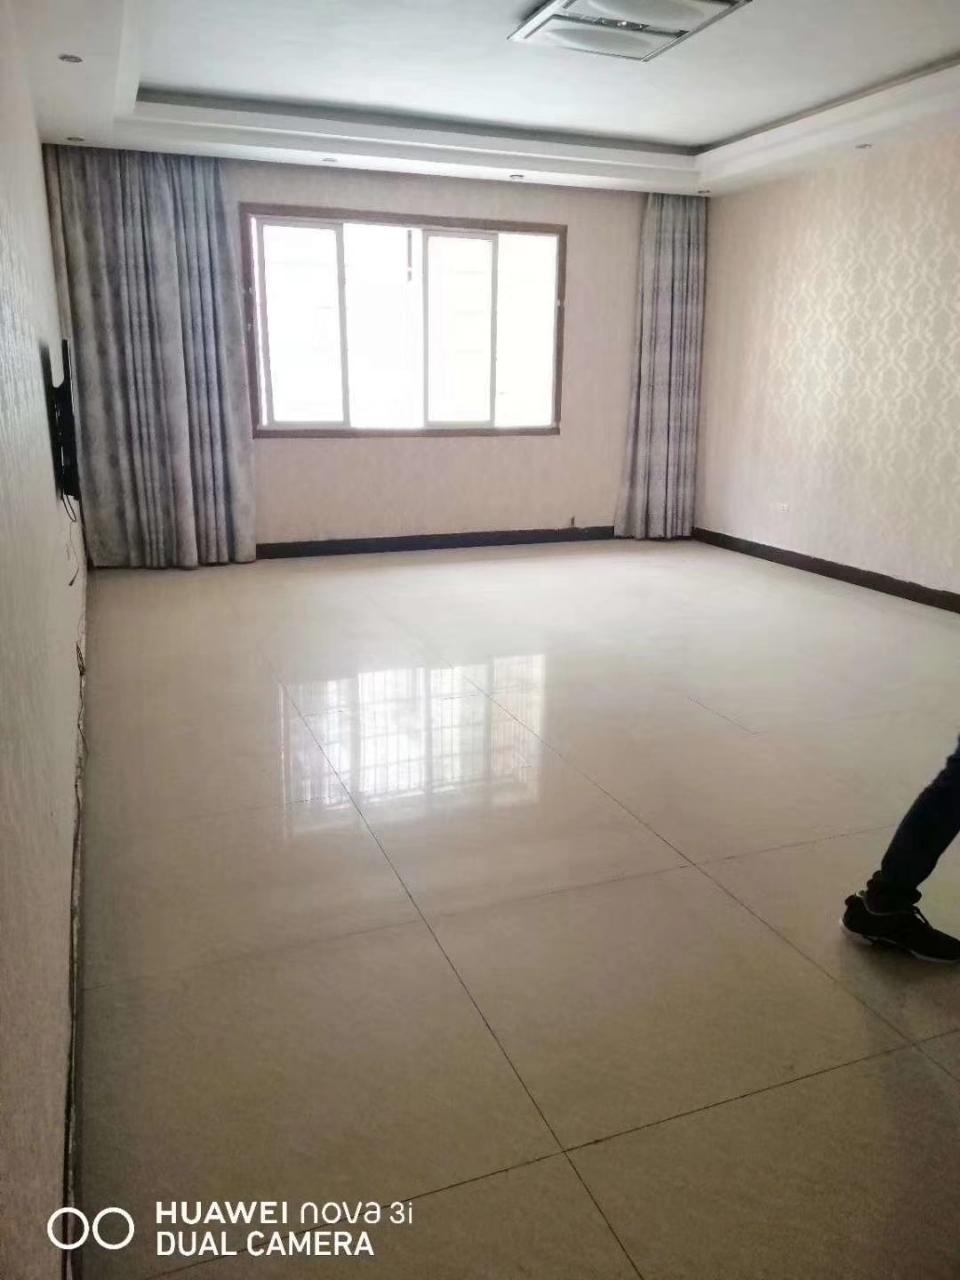 农机大厦4室 2厅 2卫83.8万元